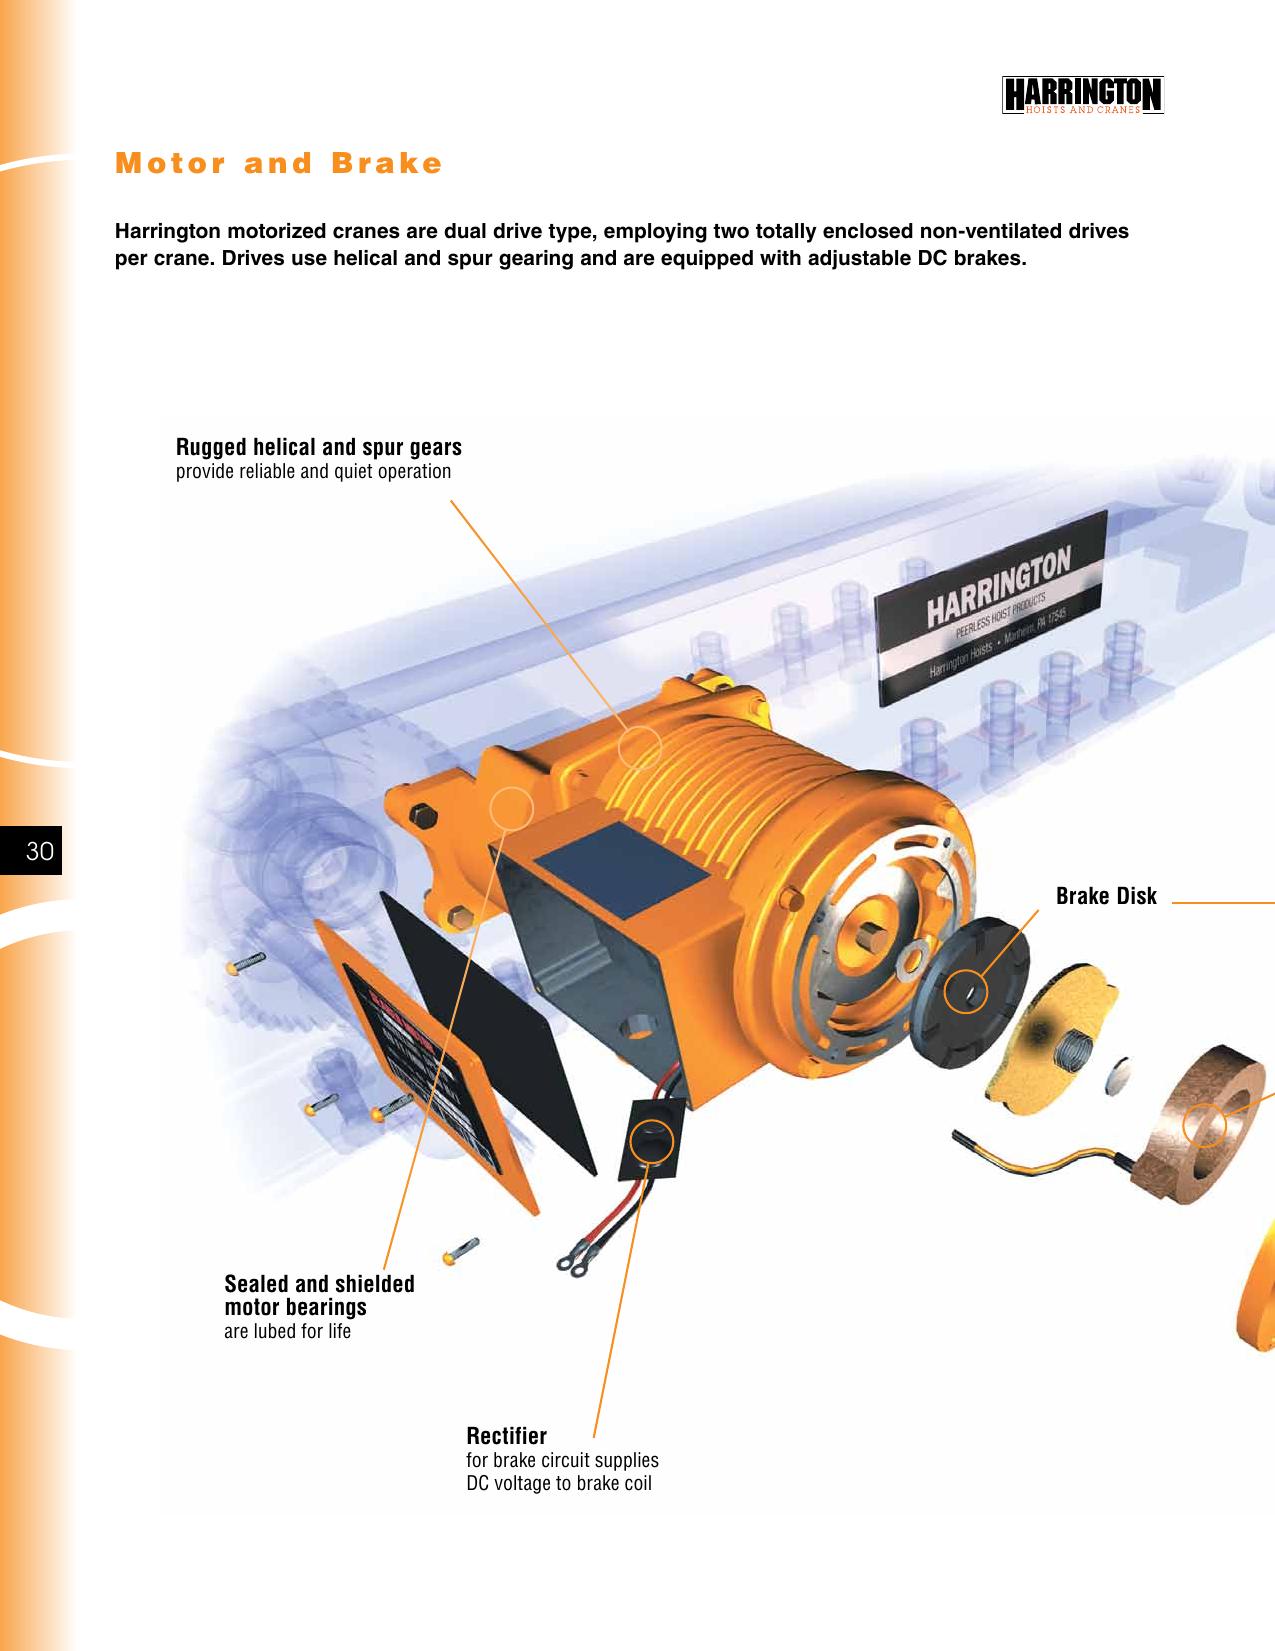 Harrington Hoists Saw Eac700 Users Manual Crane Catalog on